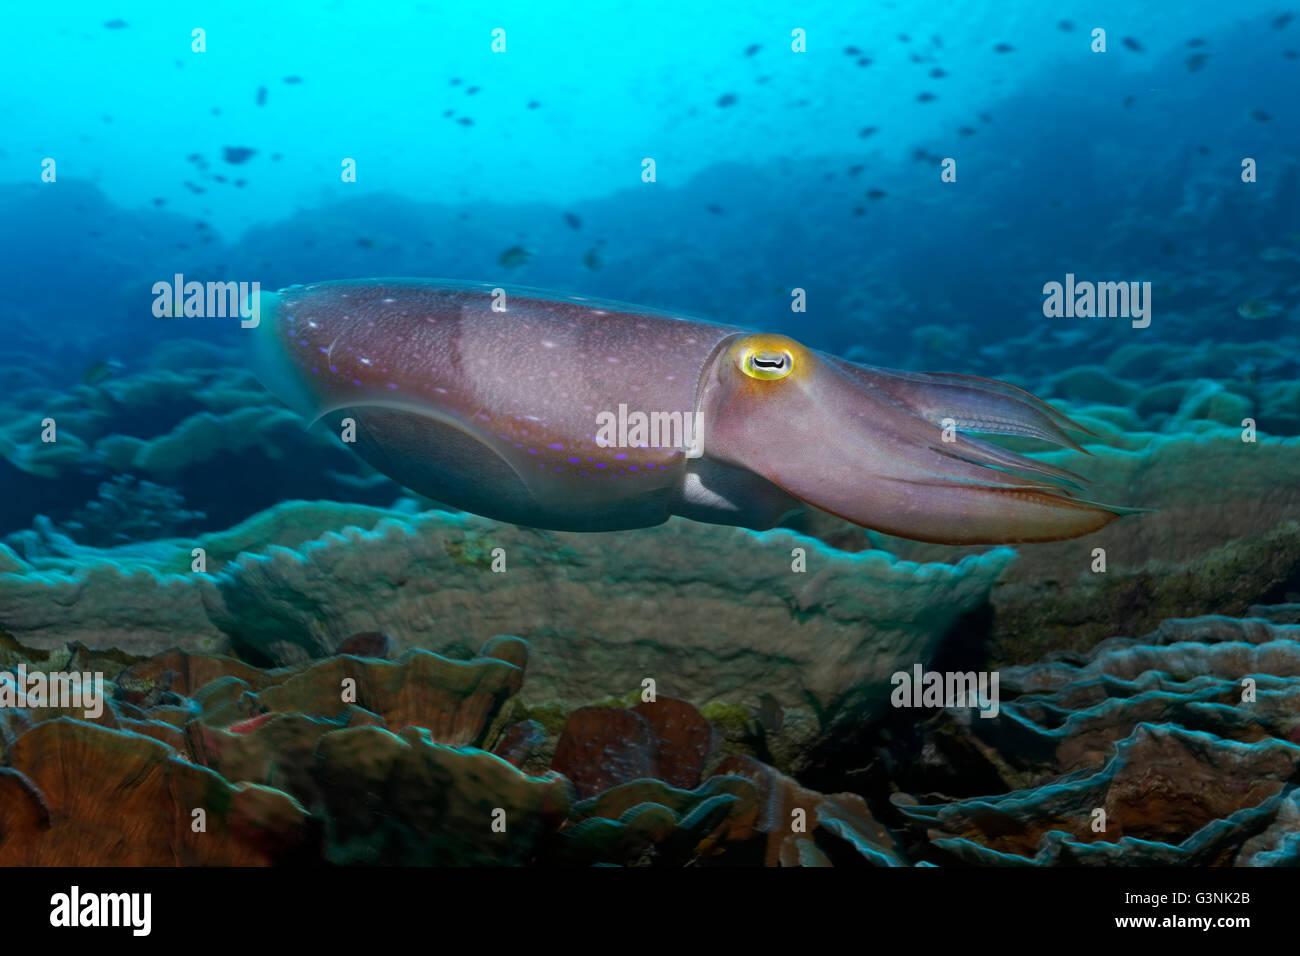 Broadclub cuttlefish (Sepia latimanus) swimming over coral reef, Wakatobi Island, Tukangbesi Archipelago, Wakatobi - Stock Image